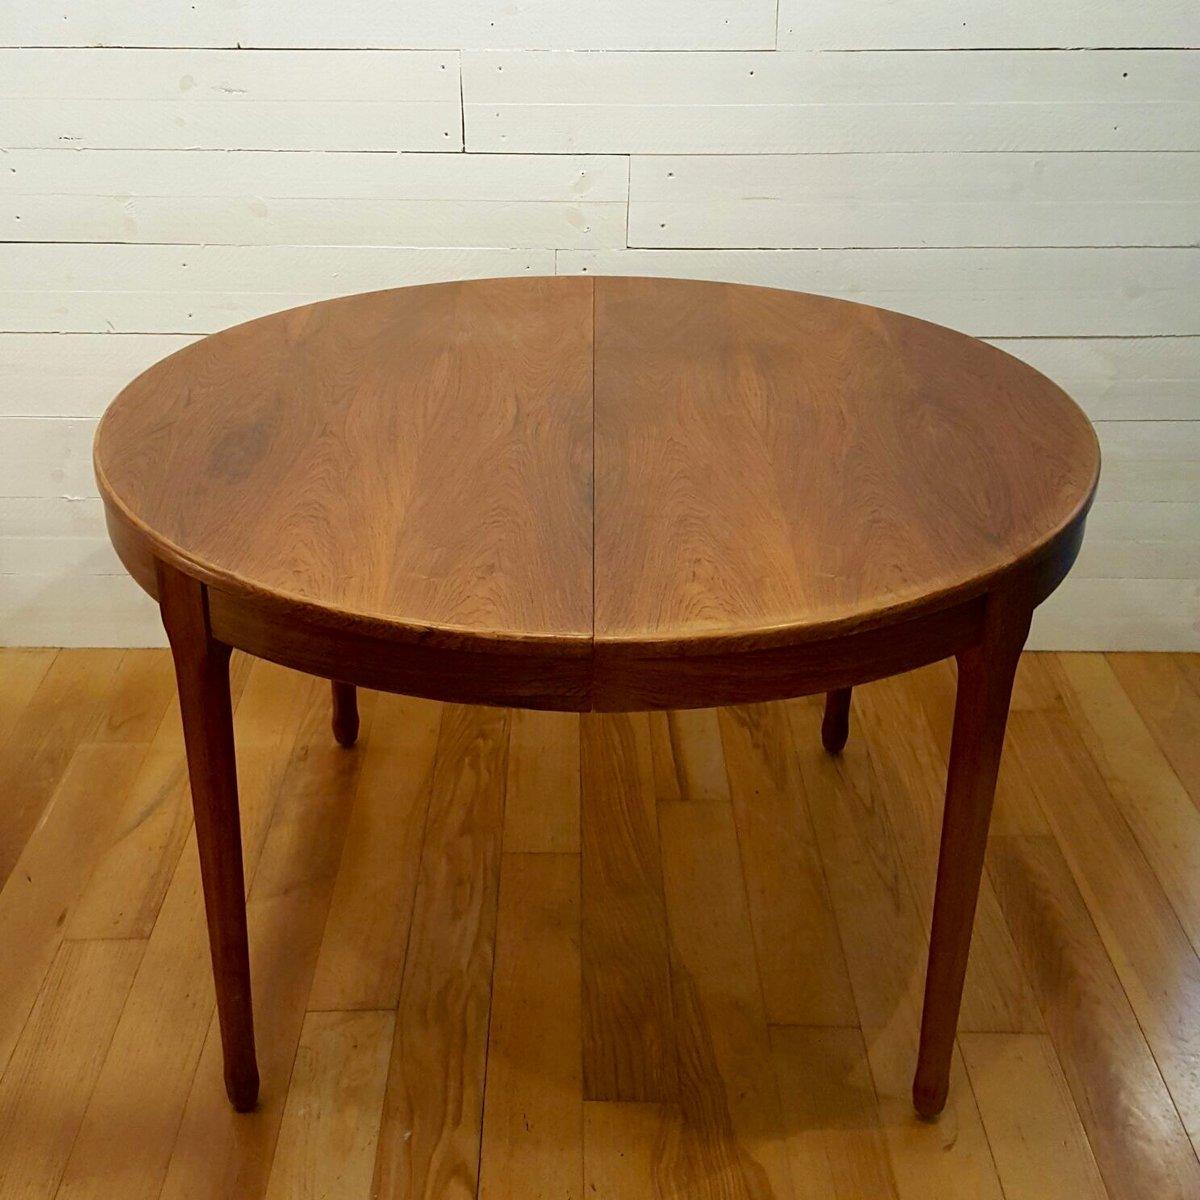 Runder palisander tisch von meuble tv paris bei pamono kaufen for Palisander tisch